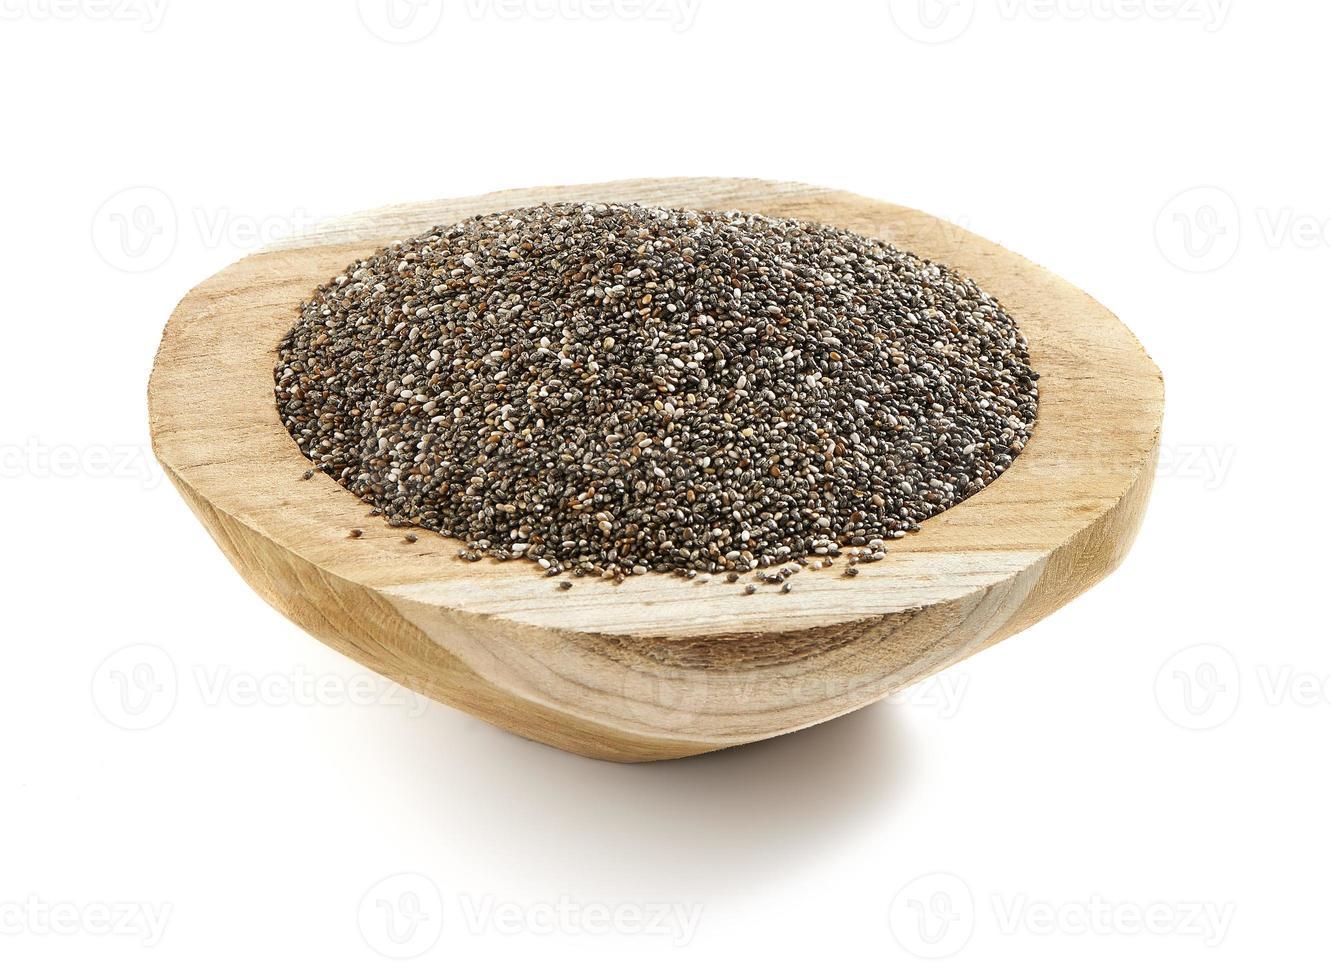 graines de chia servies dans un bol en bois photo